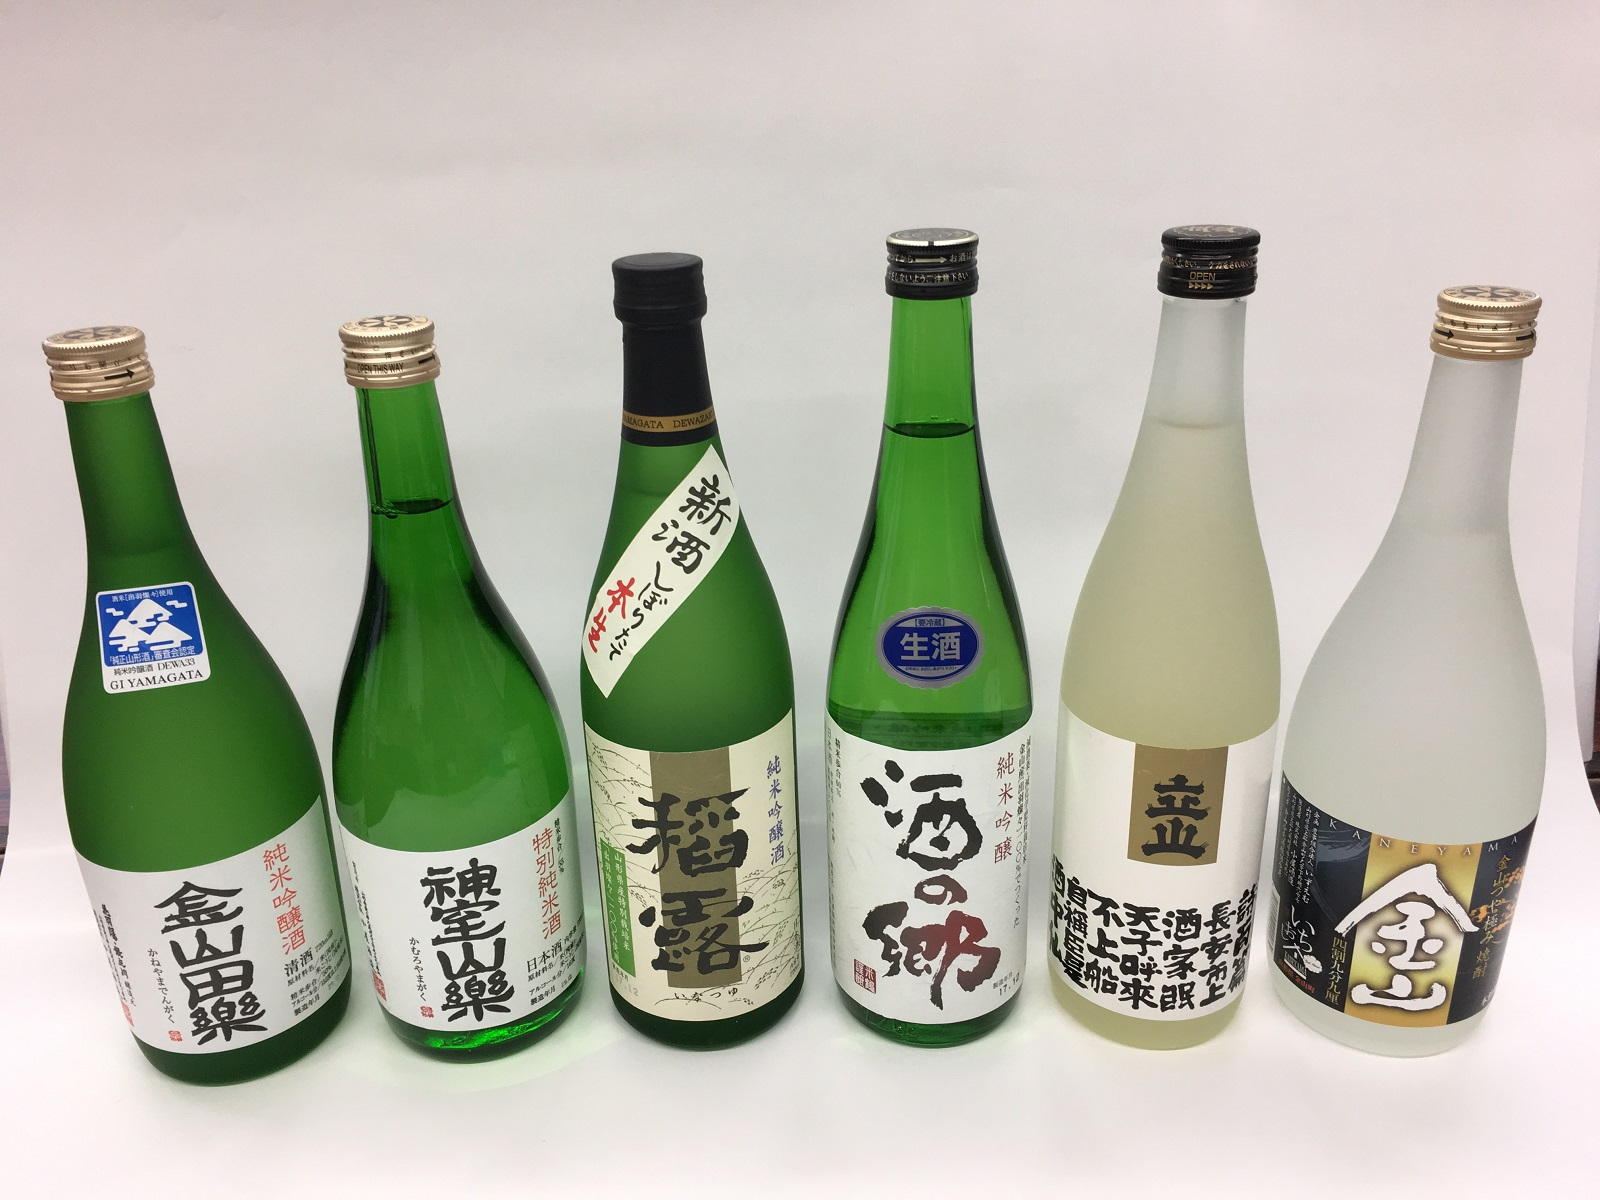 【ふるさと納税】19. お酒飲み比べ6本セット!(金山産酒米使用酒)